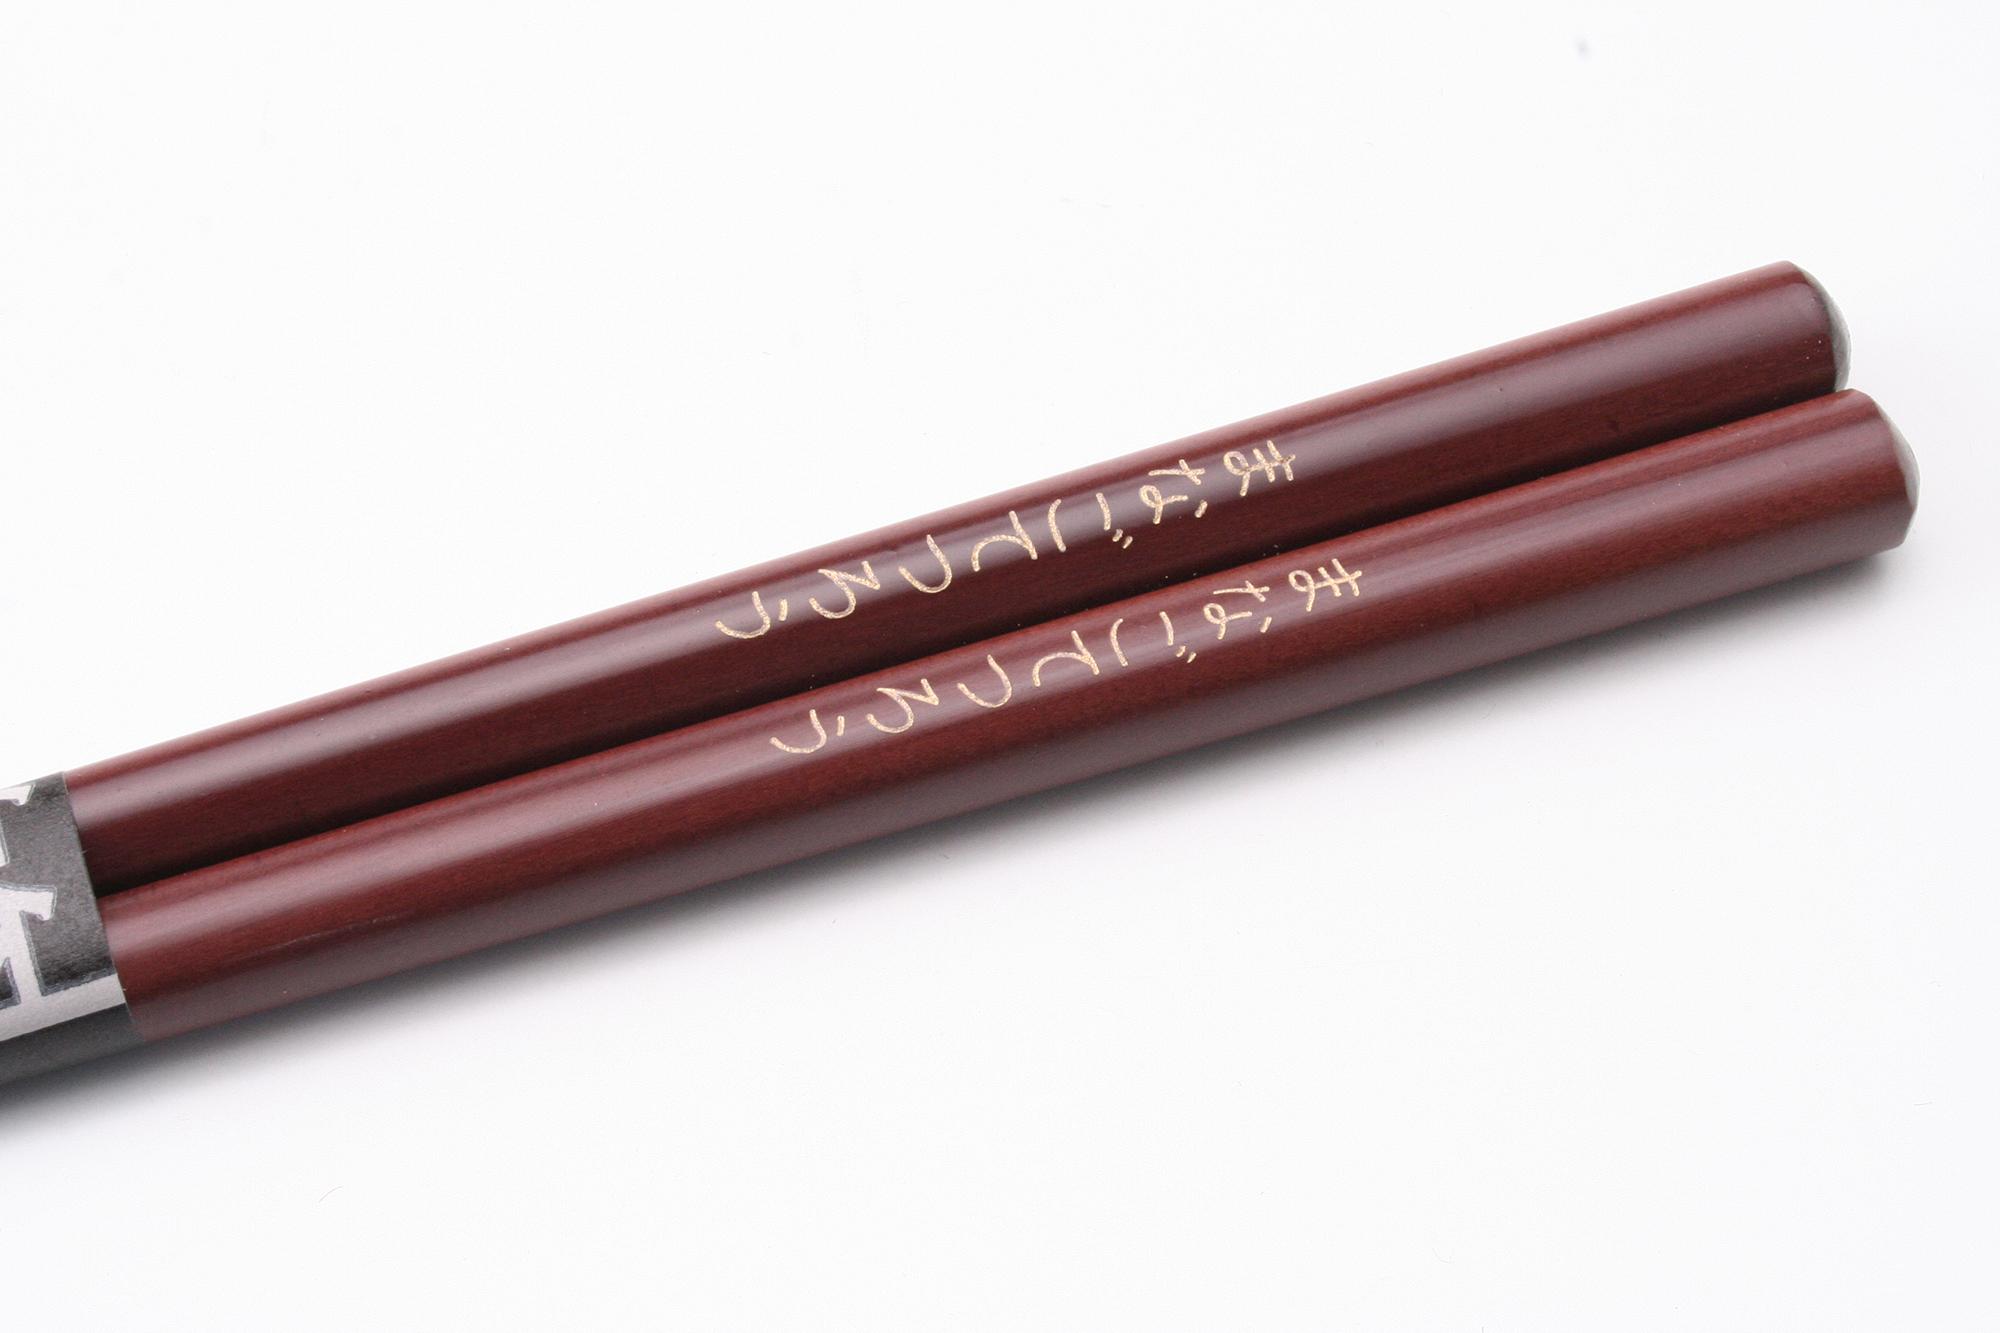 木製の箸のアップ。表面にレーザーで名前を彫ったもの